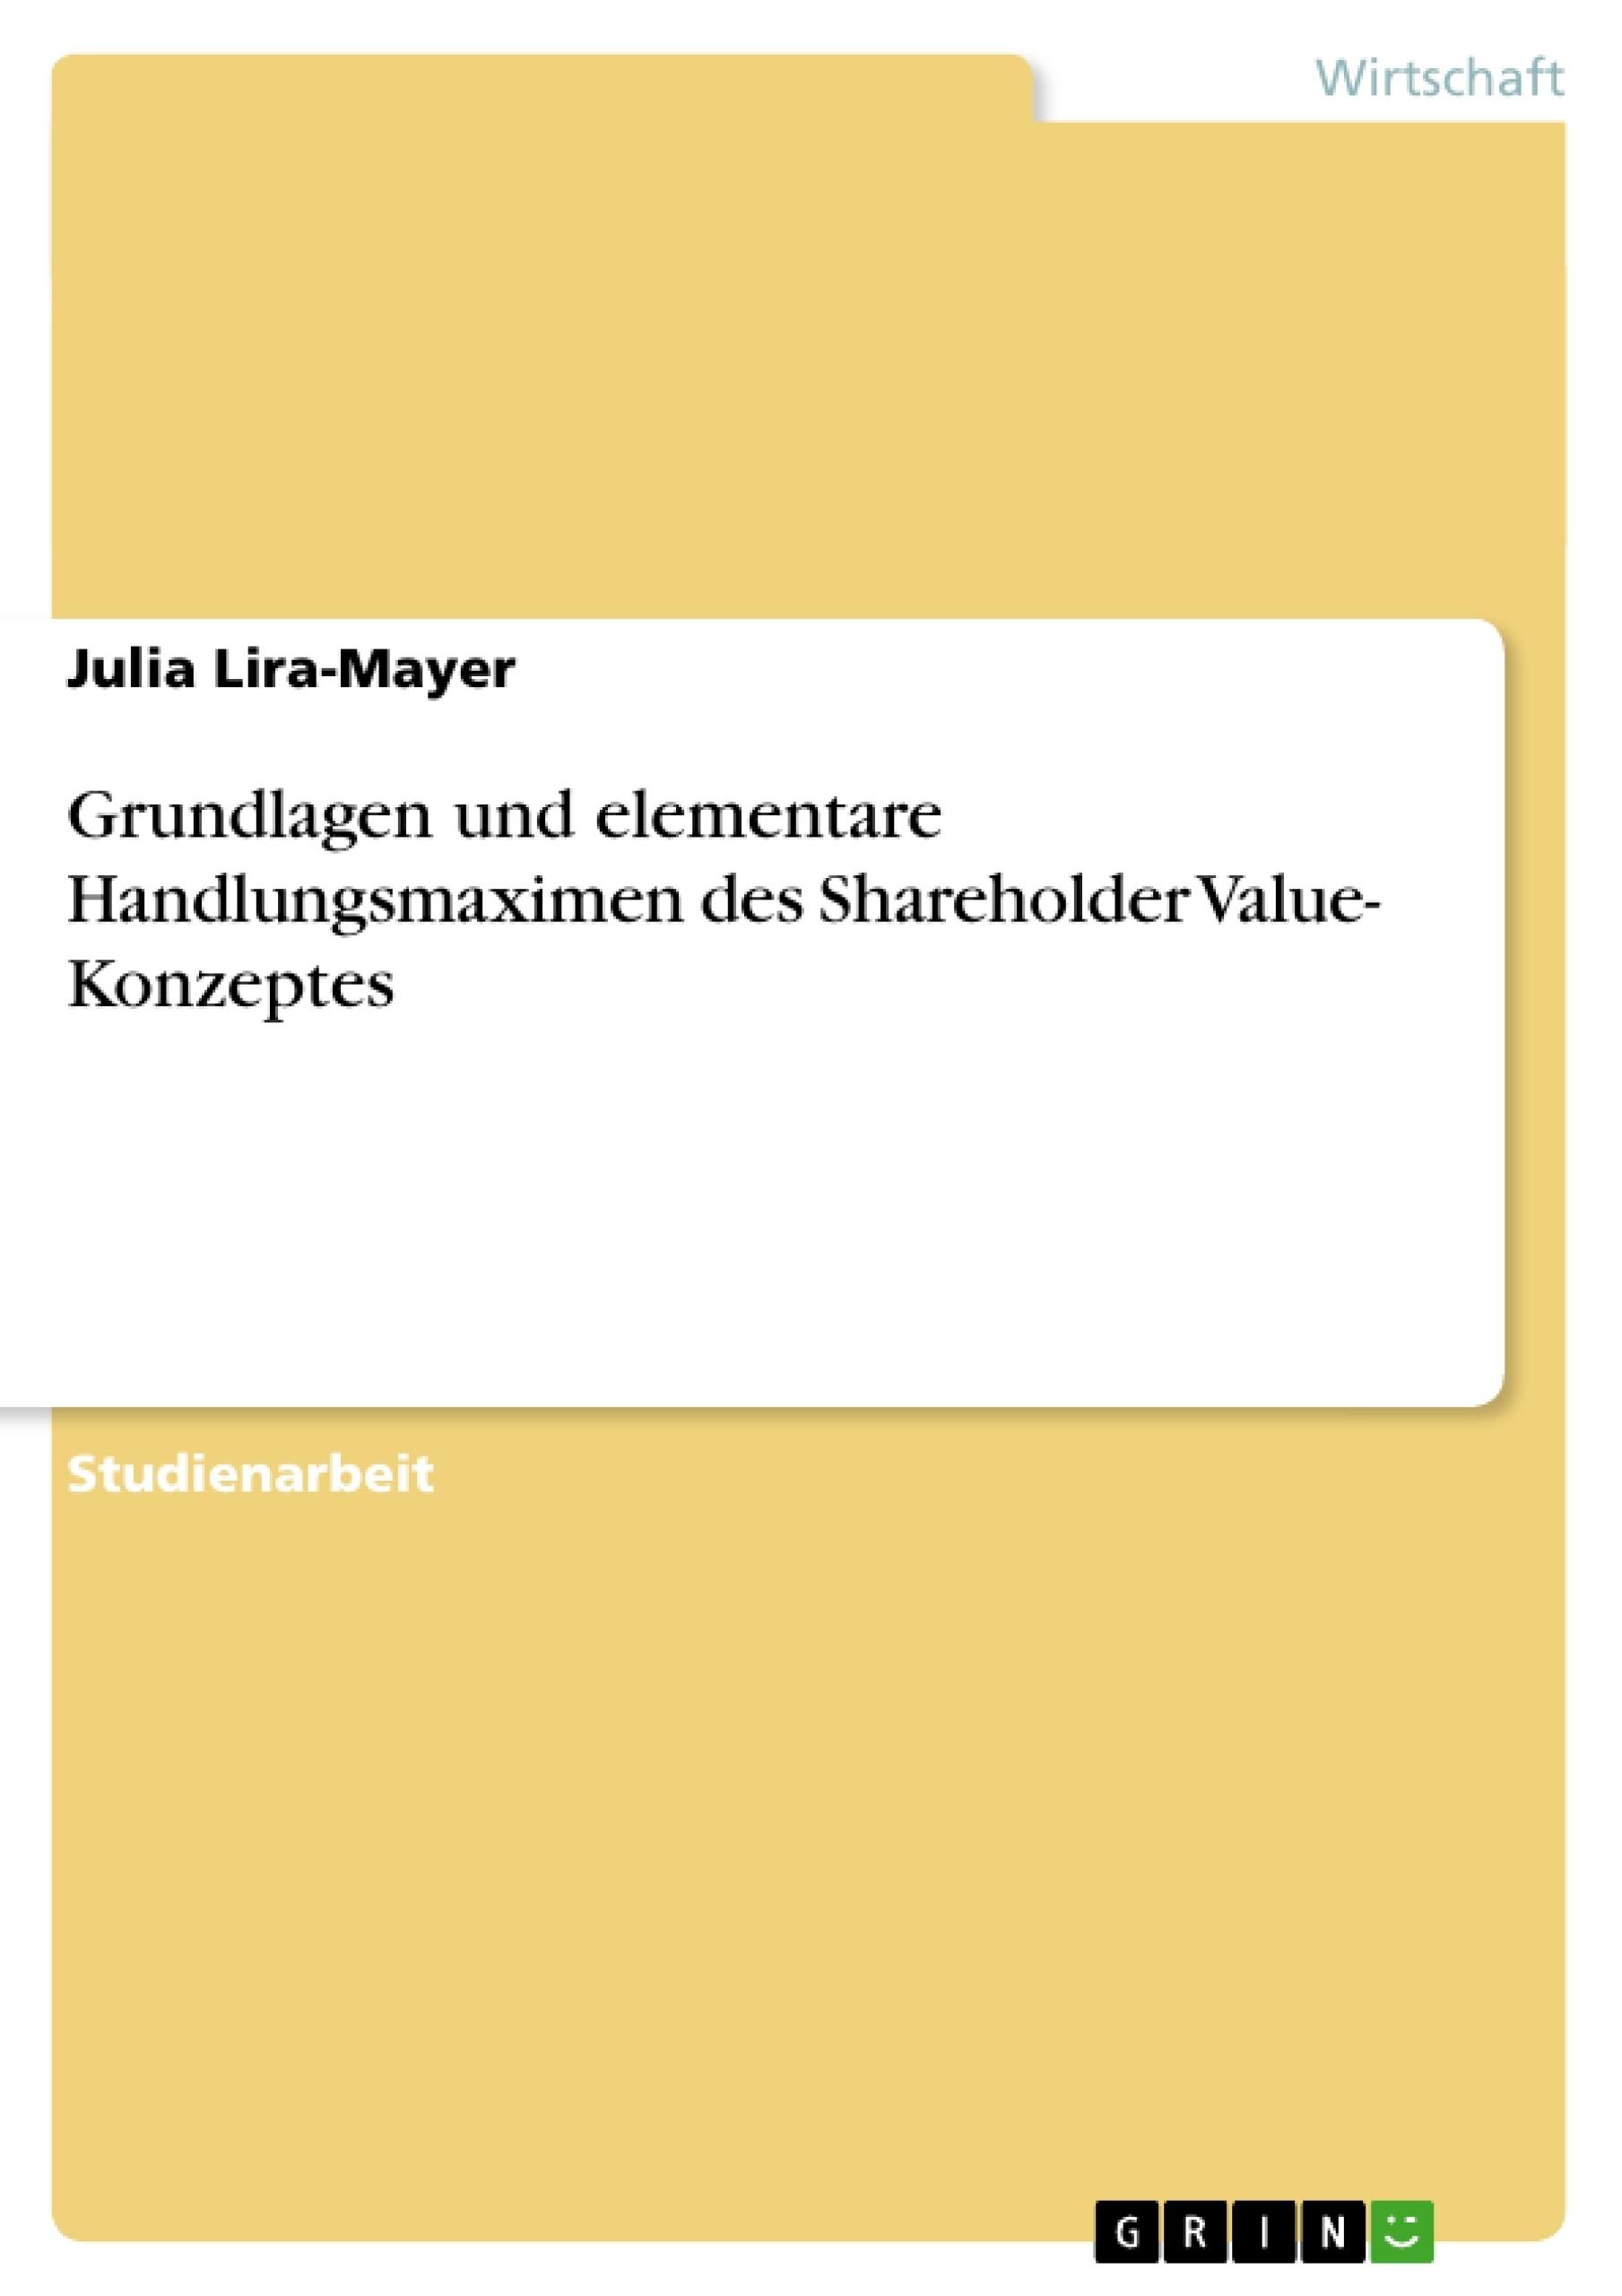 Titel: Grundlagen und elementare Handlungsmaximen des Shareholder Value- Konzeptes